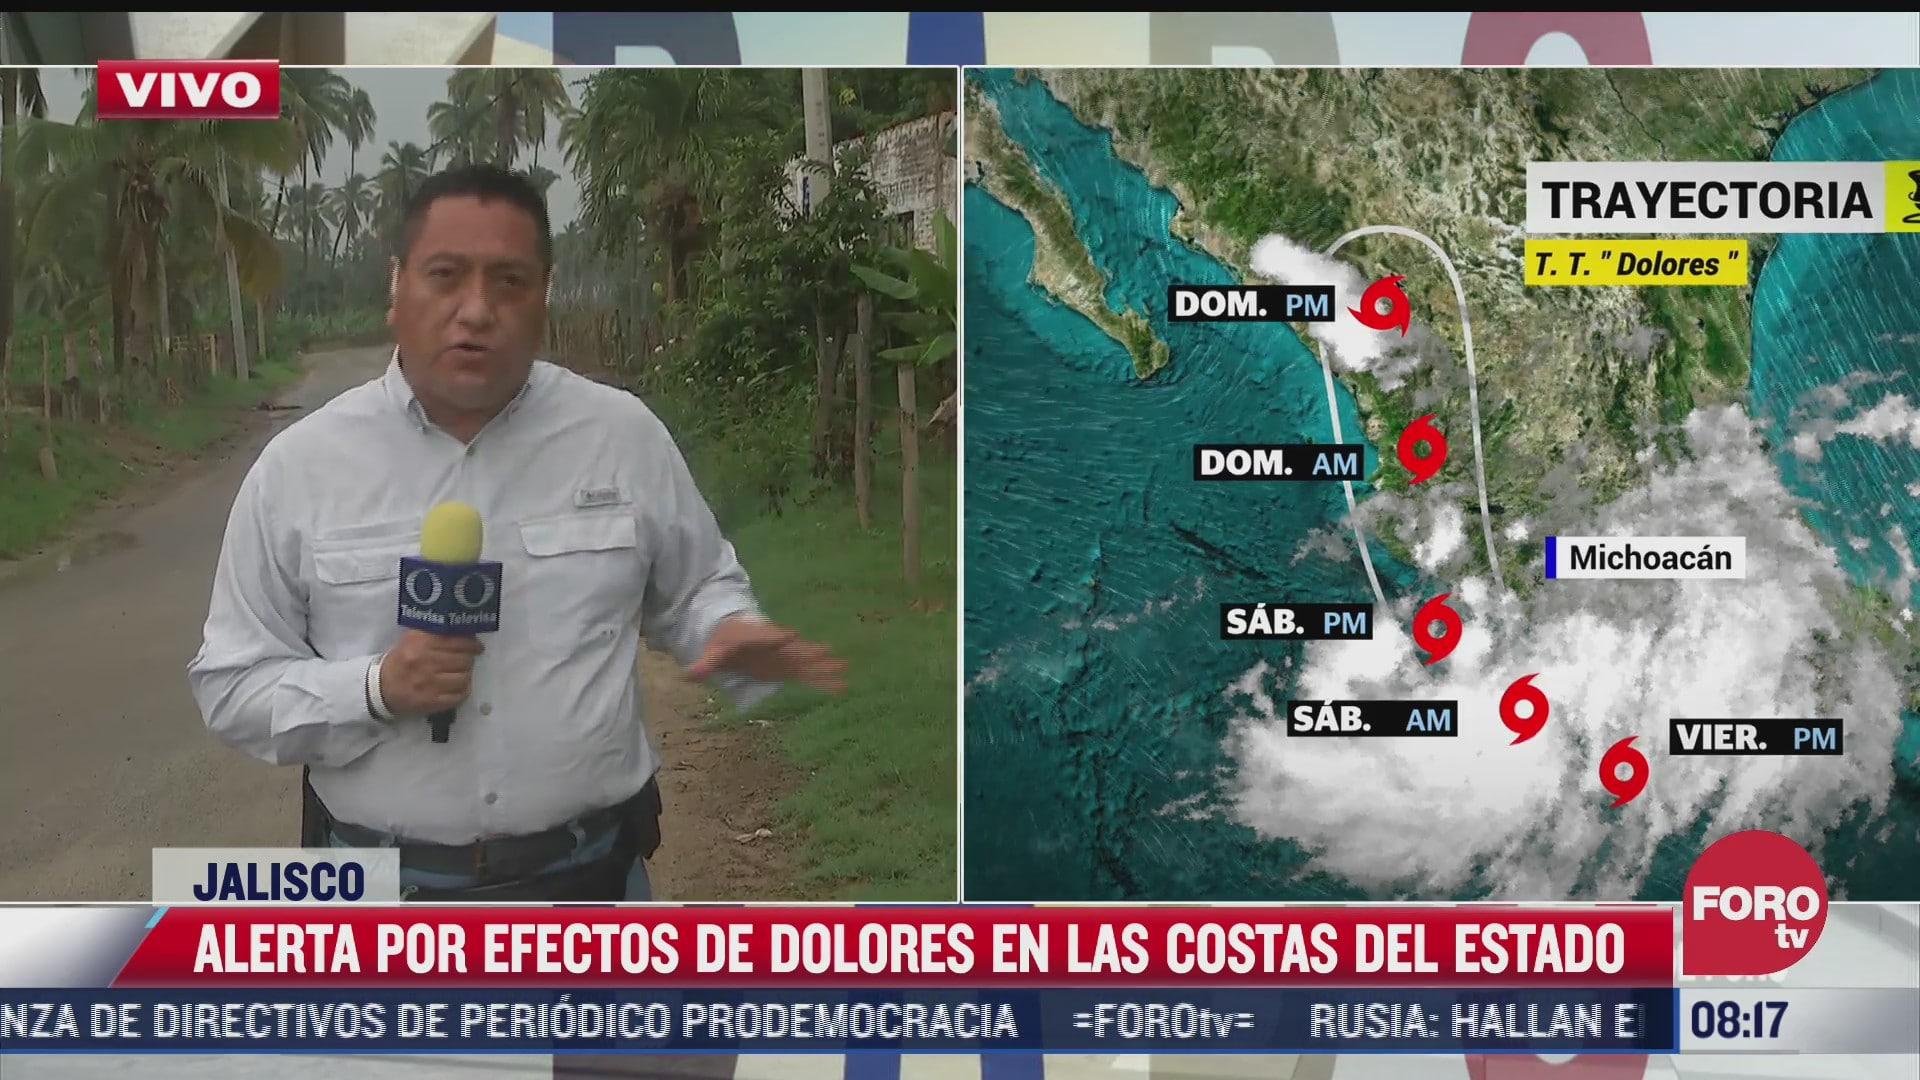 dolores provoca lluvias de fuertes a extraordinarias en occidente y sur de mexico